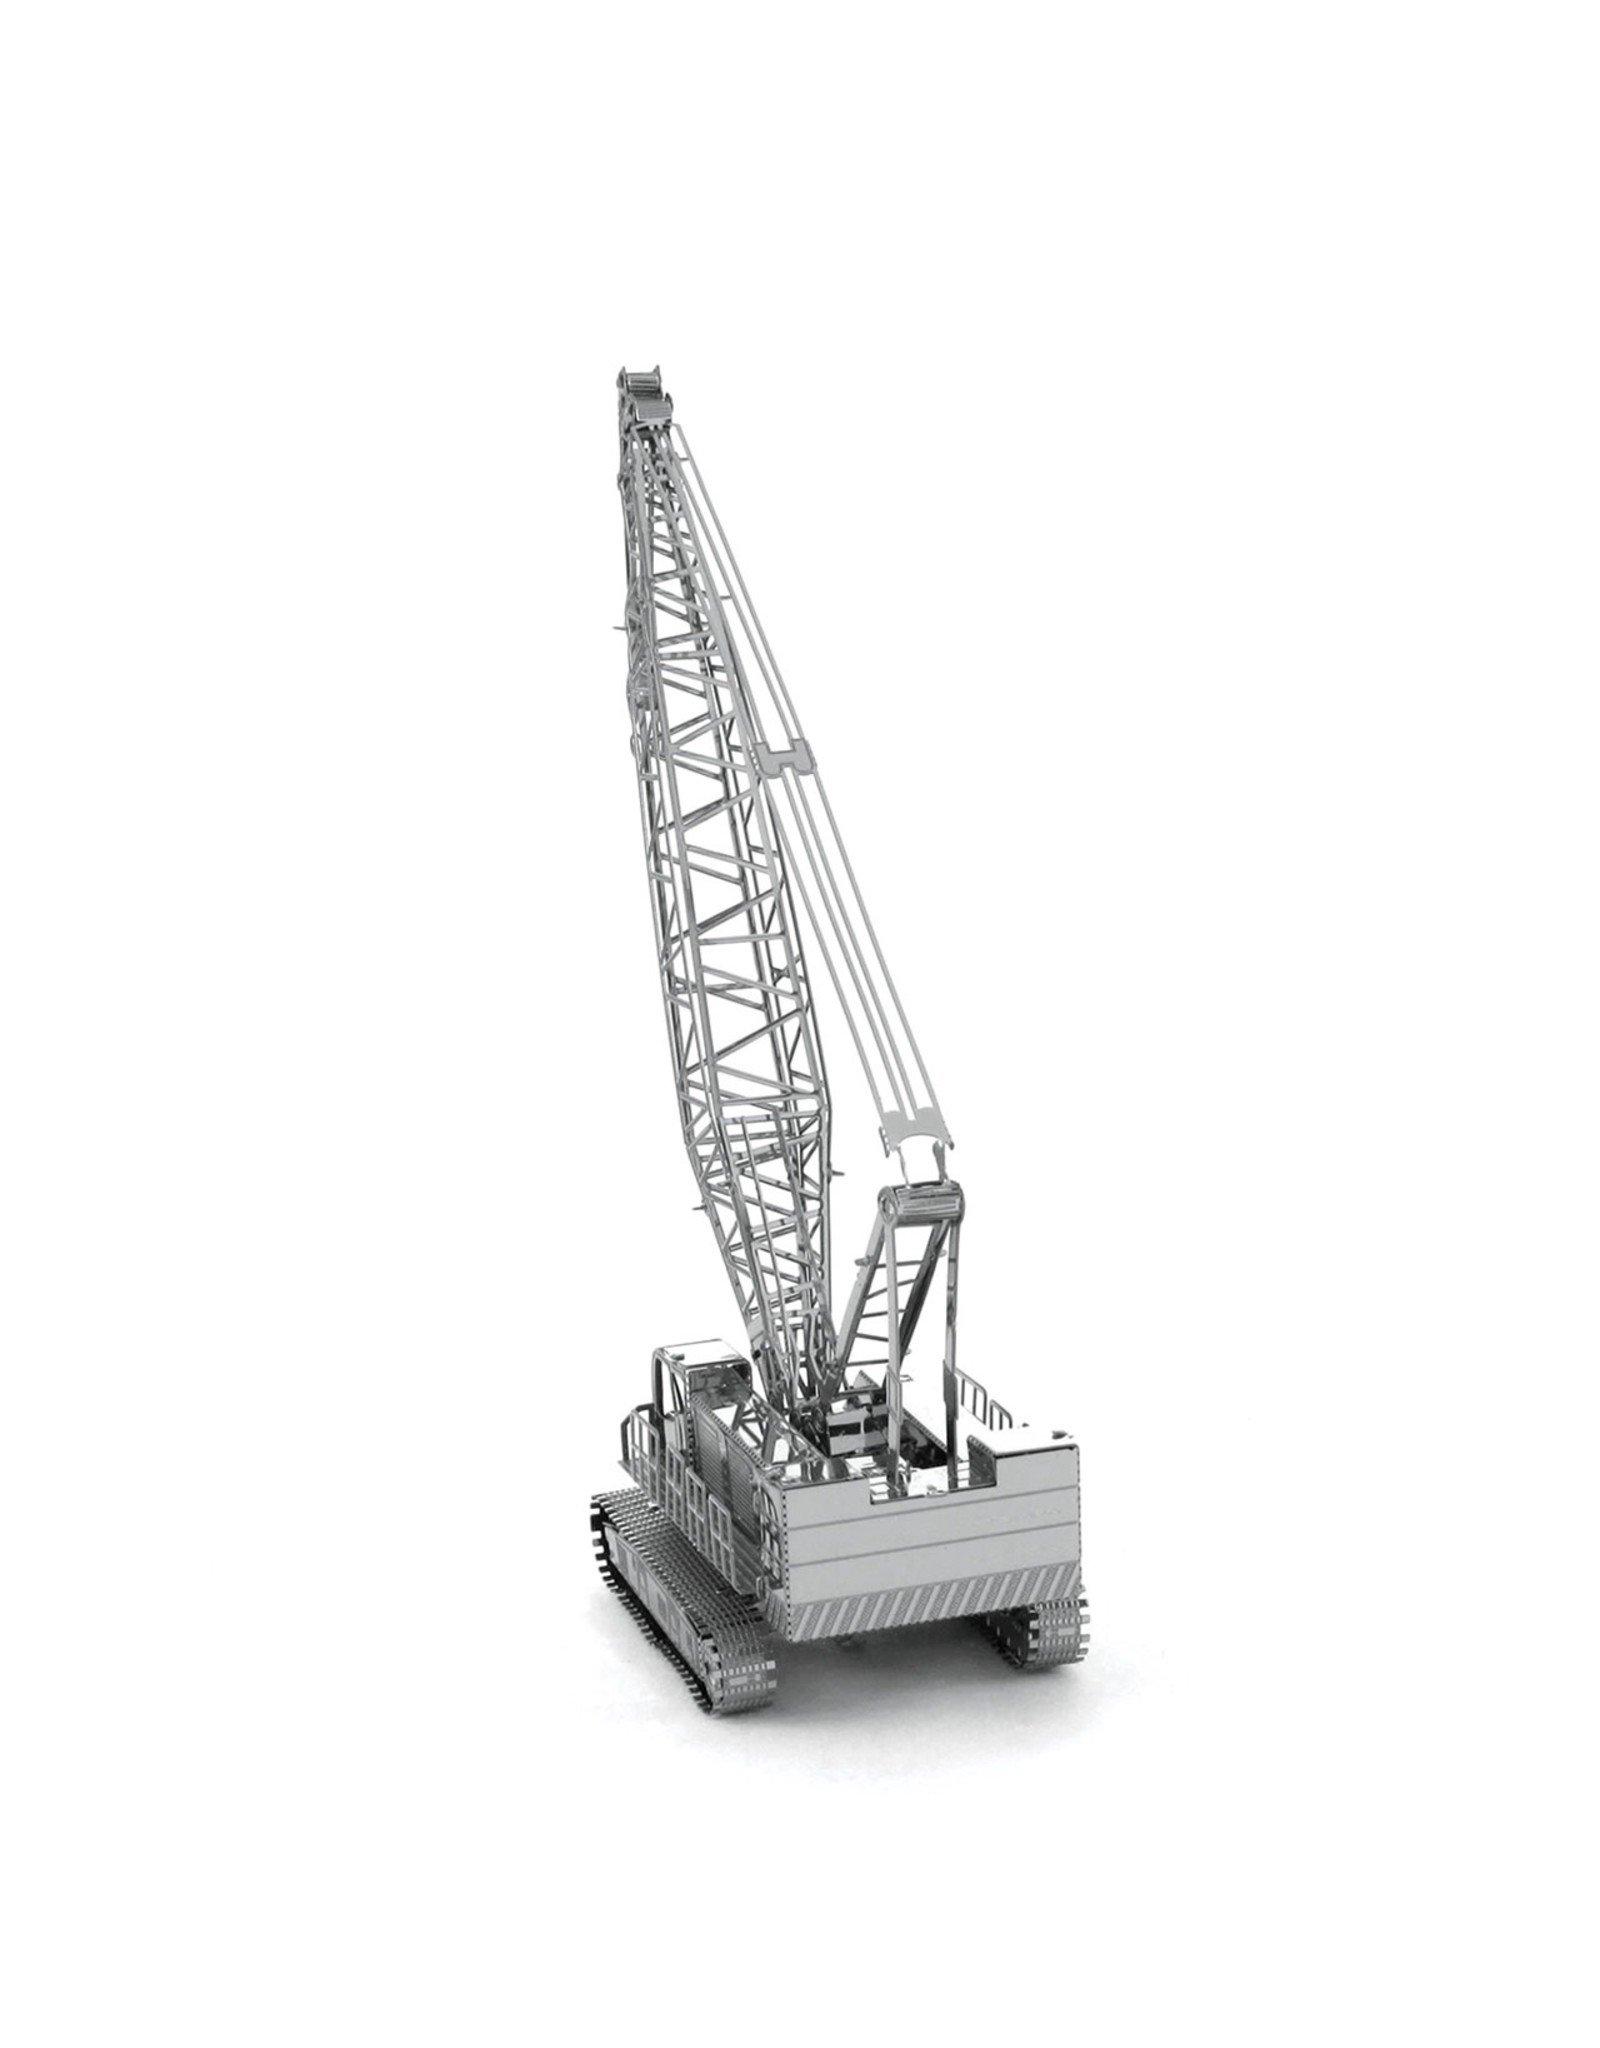 Metal Earth Metal Earth Crawler Crane